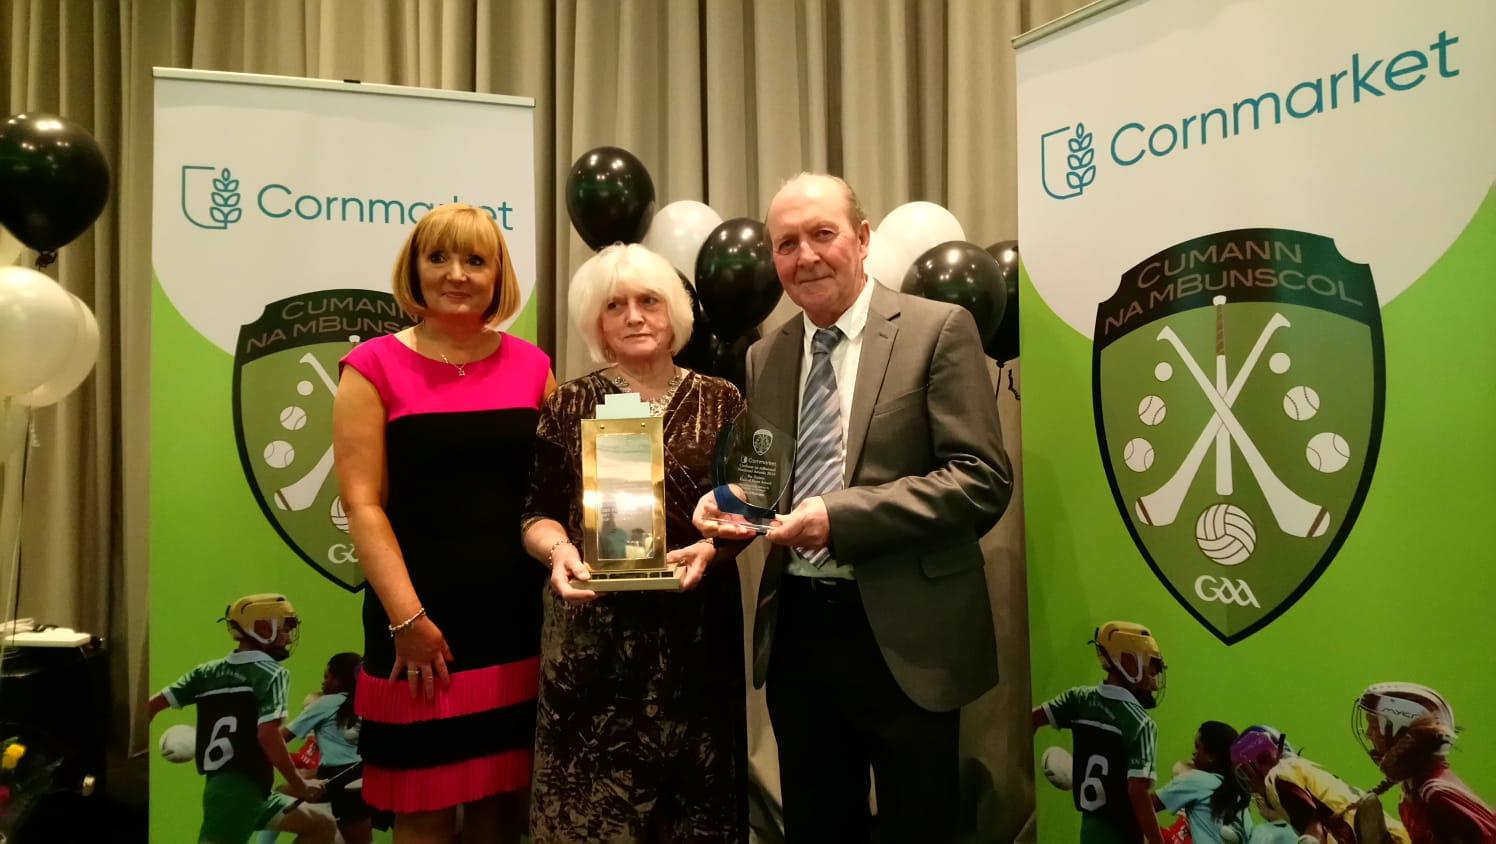 Jim O' Riordan receives Pat Trainor Award